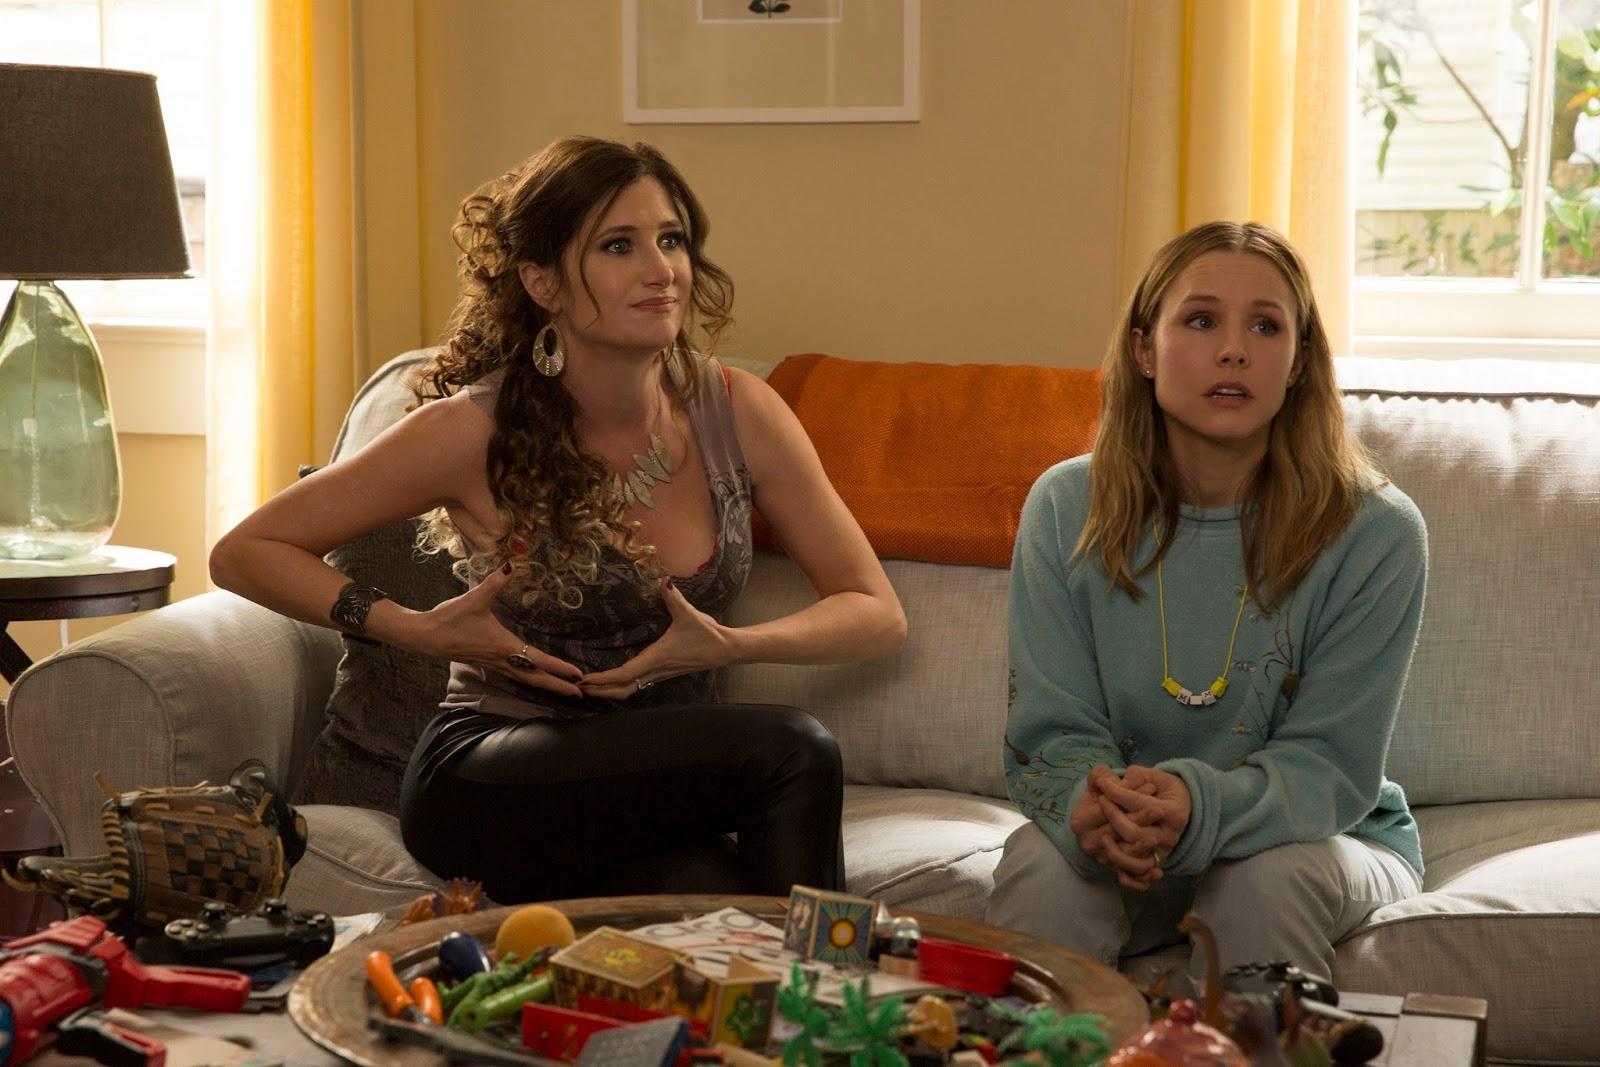 אמהות רעות סרט חדש בקולנוע